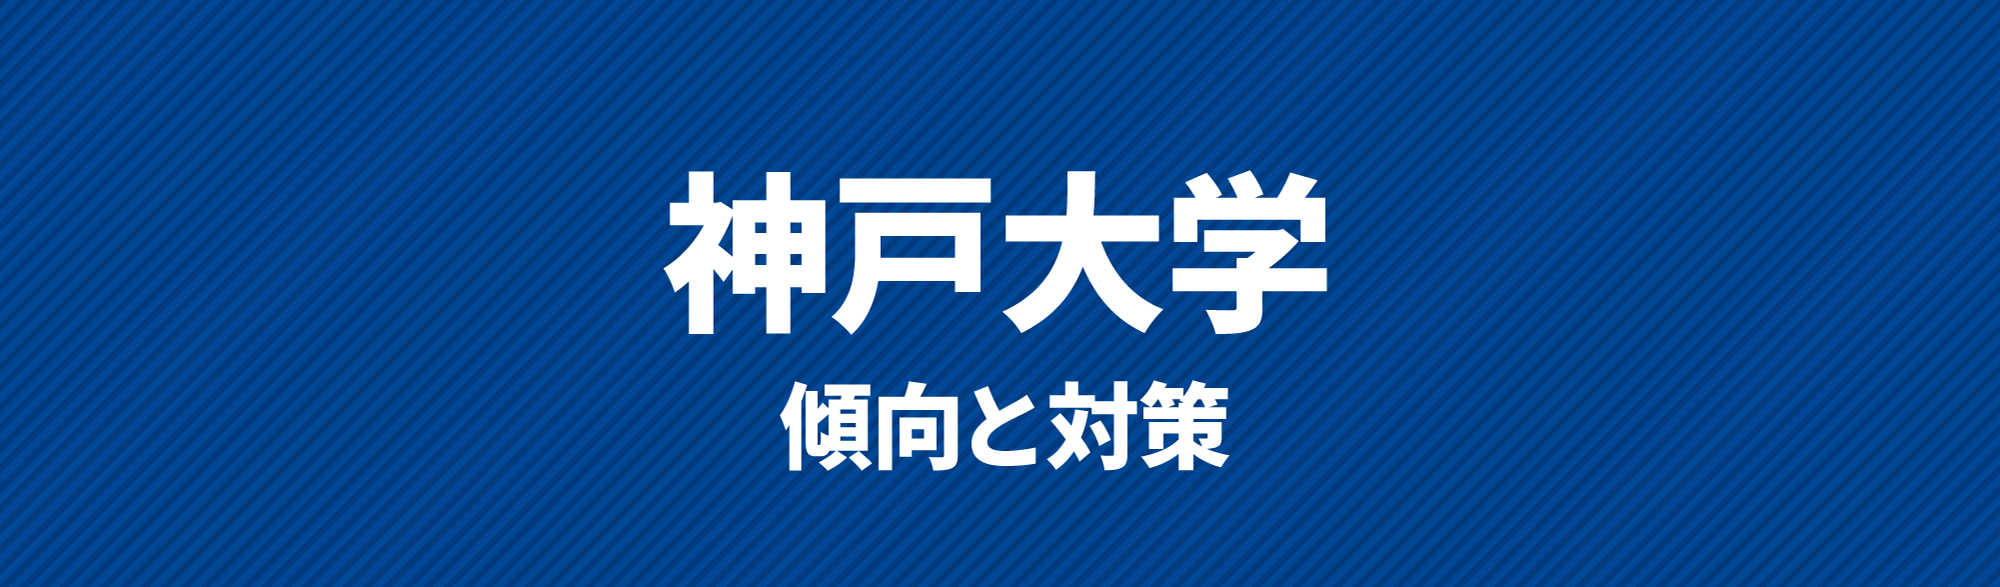 神戸大学傾向と対策